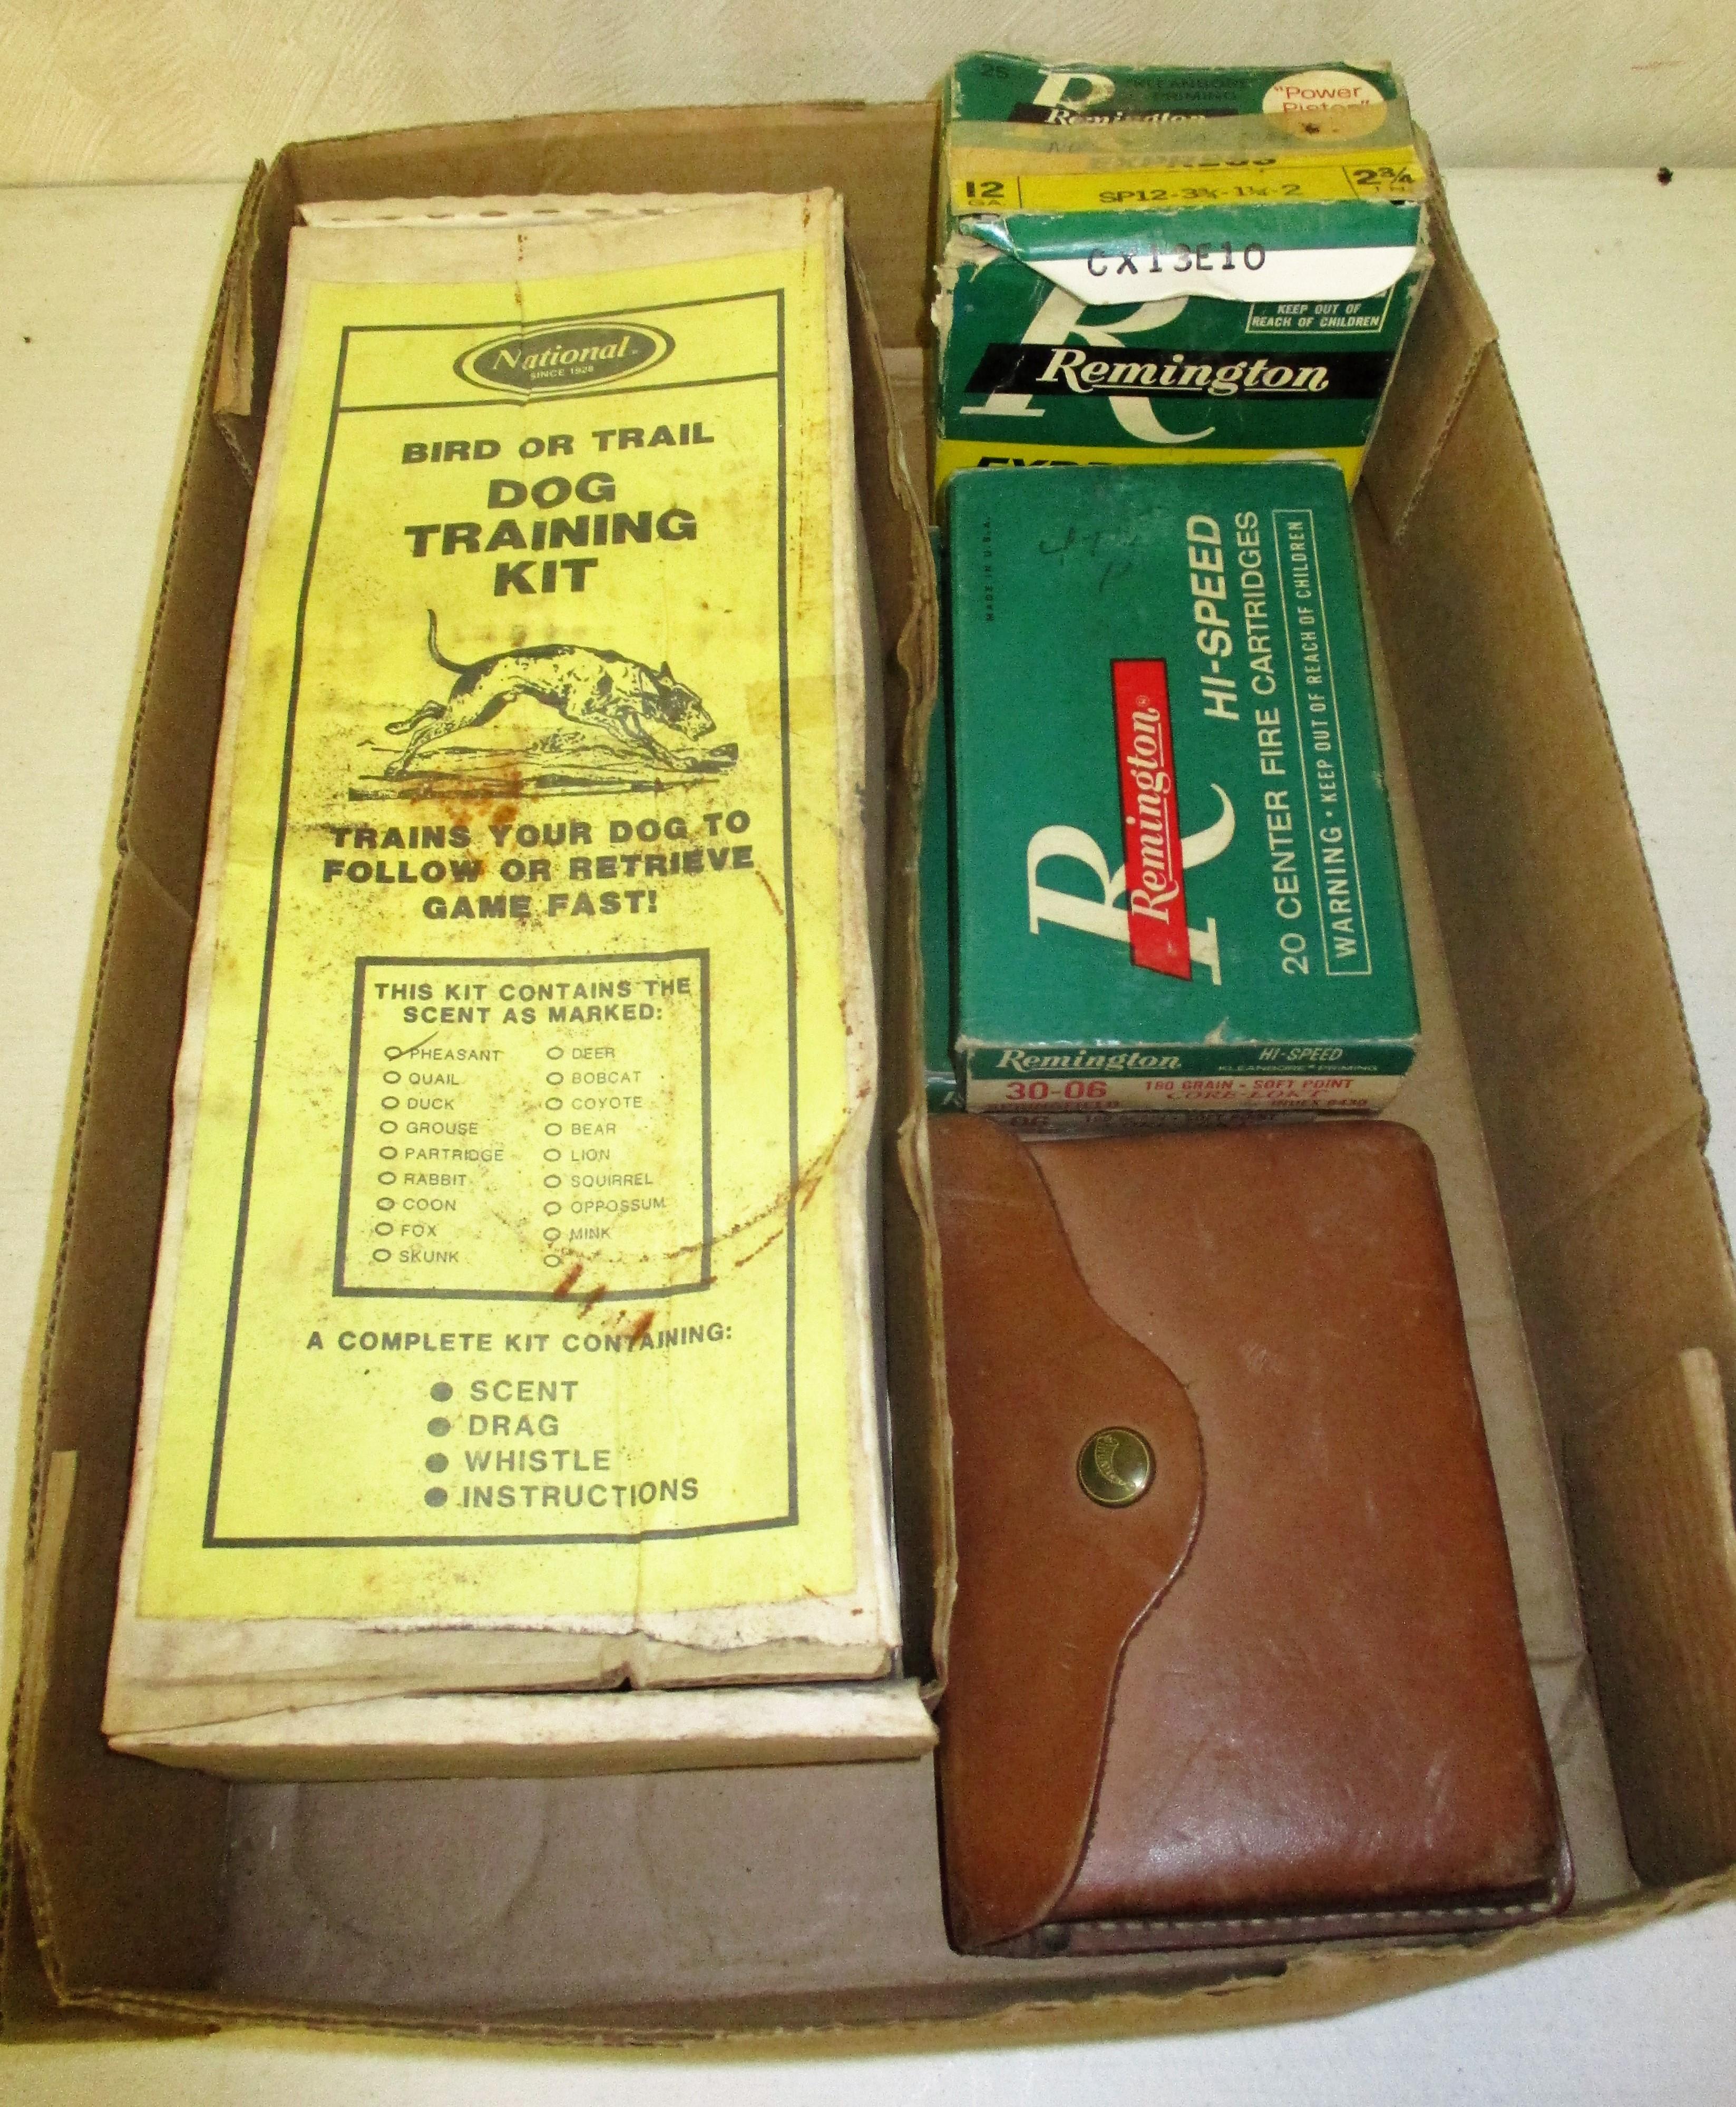 65: Vintage Ammo And Dog Training Kit